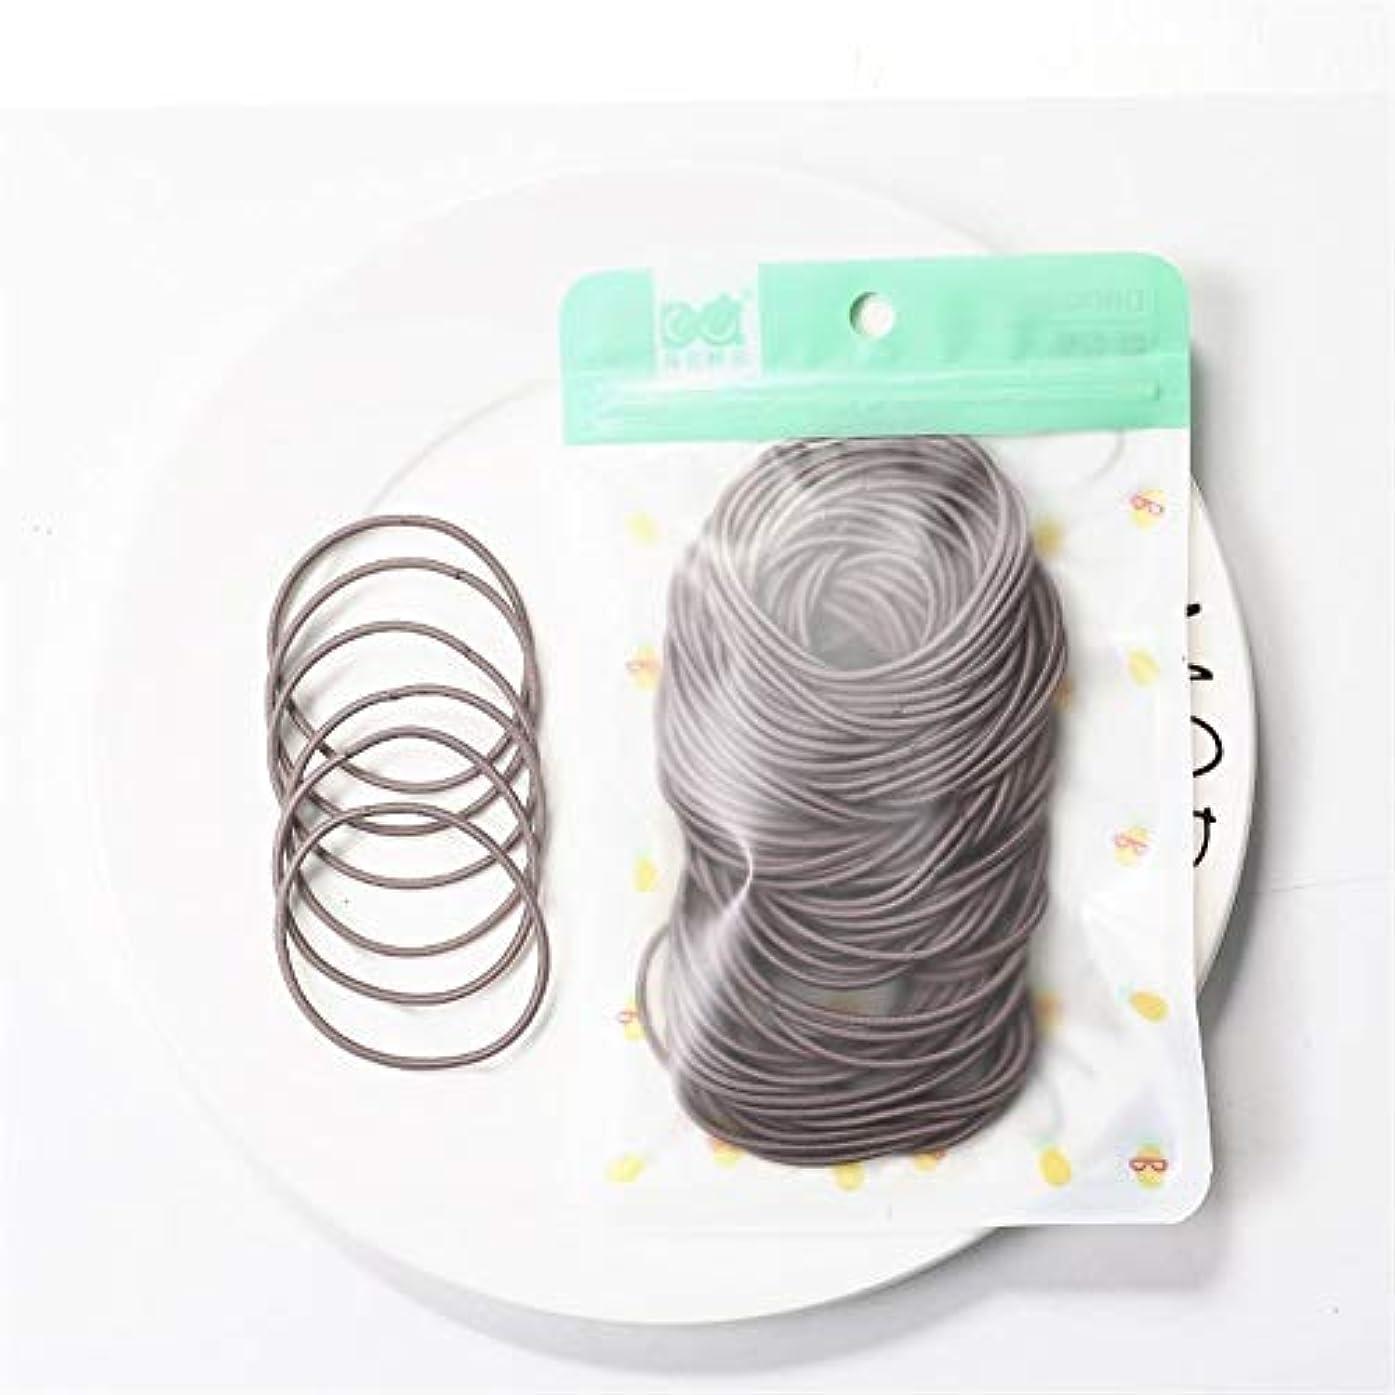 時期尚早スポット学んだZHILI 髪のためのシュシュ弾性ヘアバンドヘッドバンドの女の子の装飾タイガムgummibänderヘアアクセサリーの女性の100枚 (Color : E)